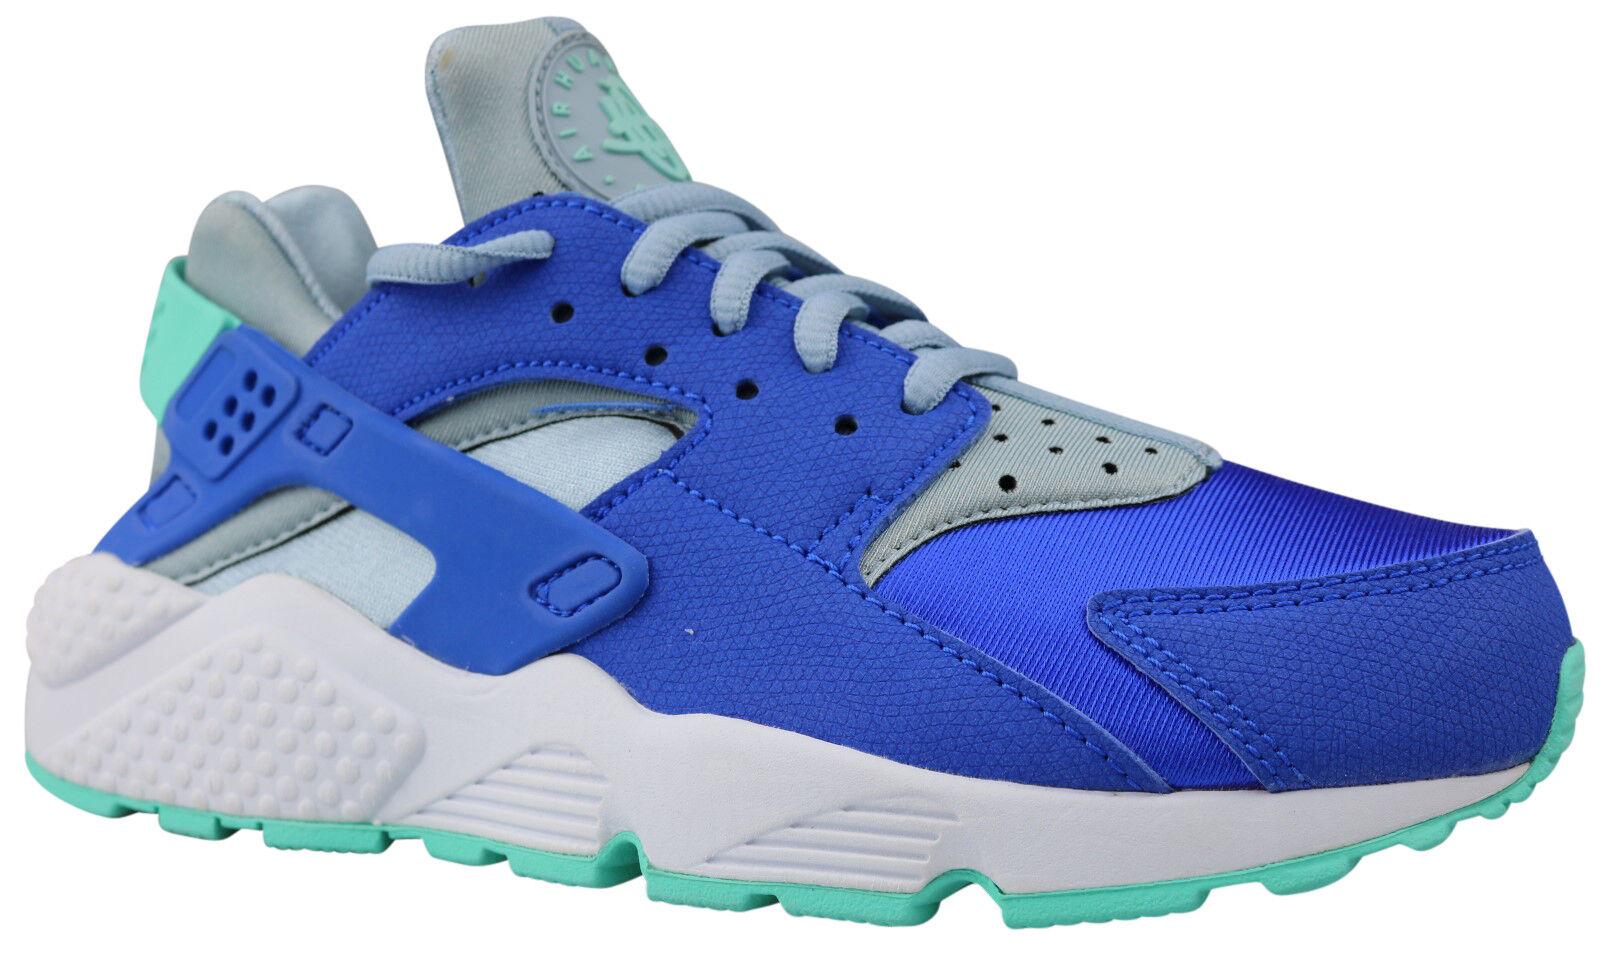 Nike Wmns Air Huarache Run baskets Femmes Chaussures 634835-404 Taille 37,5 & 38 NOUVEAU neuf dans sa boîte